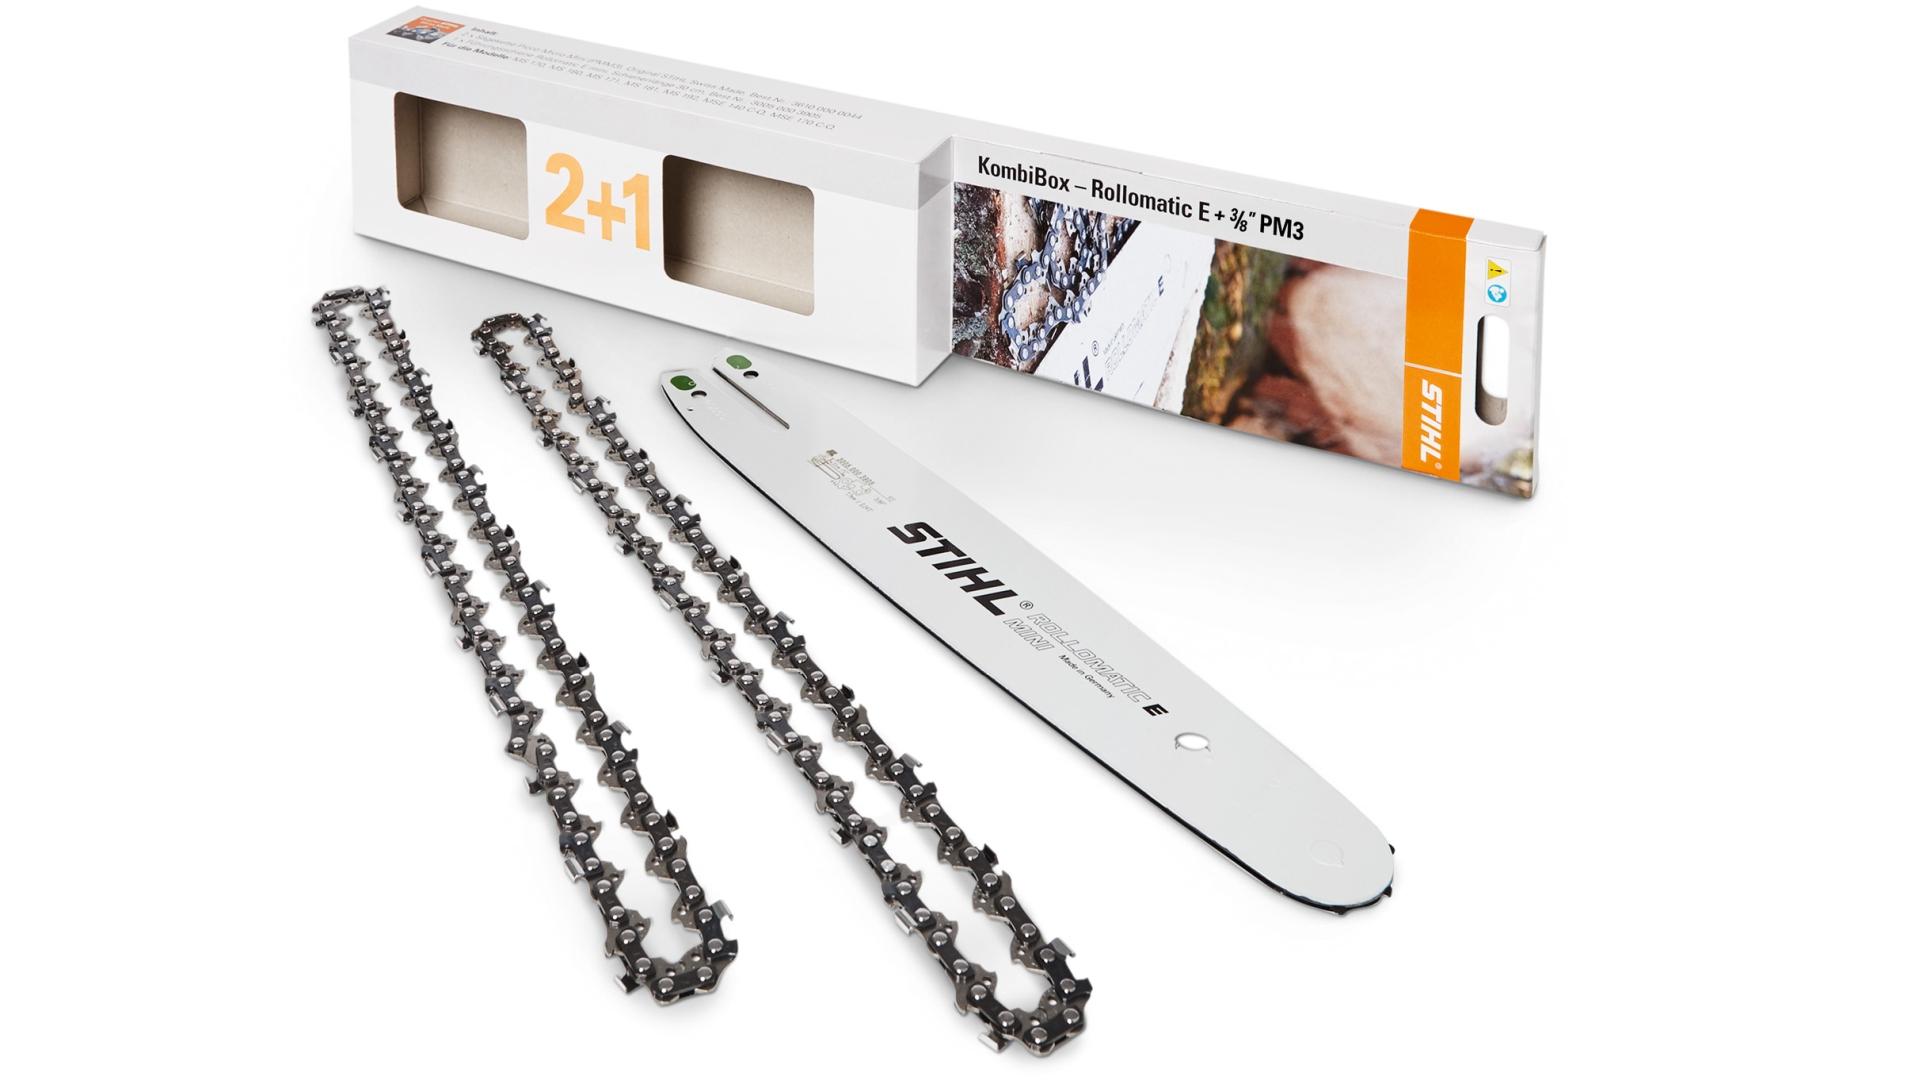 """STIHL KombiBox Rollomatik E + 3/8"""" PM3, Sägeketten-Führungsschienen-Set 3/8"""" PM3, Dicke 1,3 mm, Länge 35 cm"""